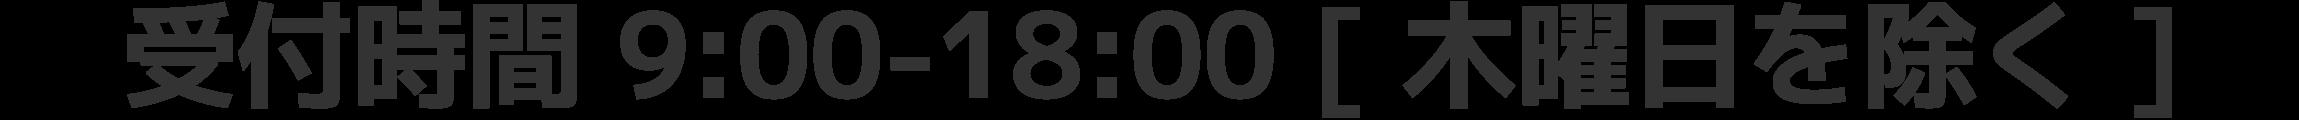 ��t���� 9:00-18:00 [ �ؗj���� ]